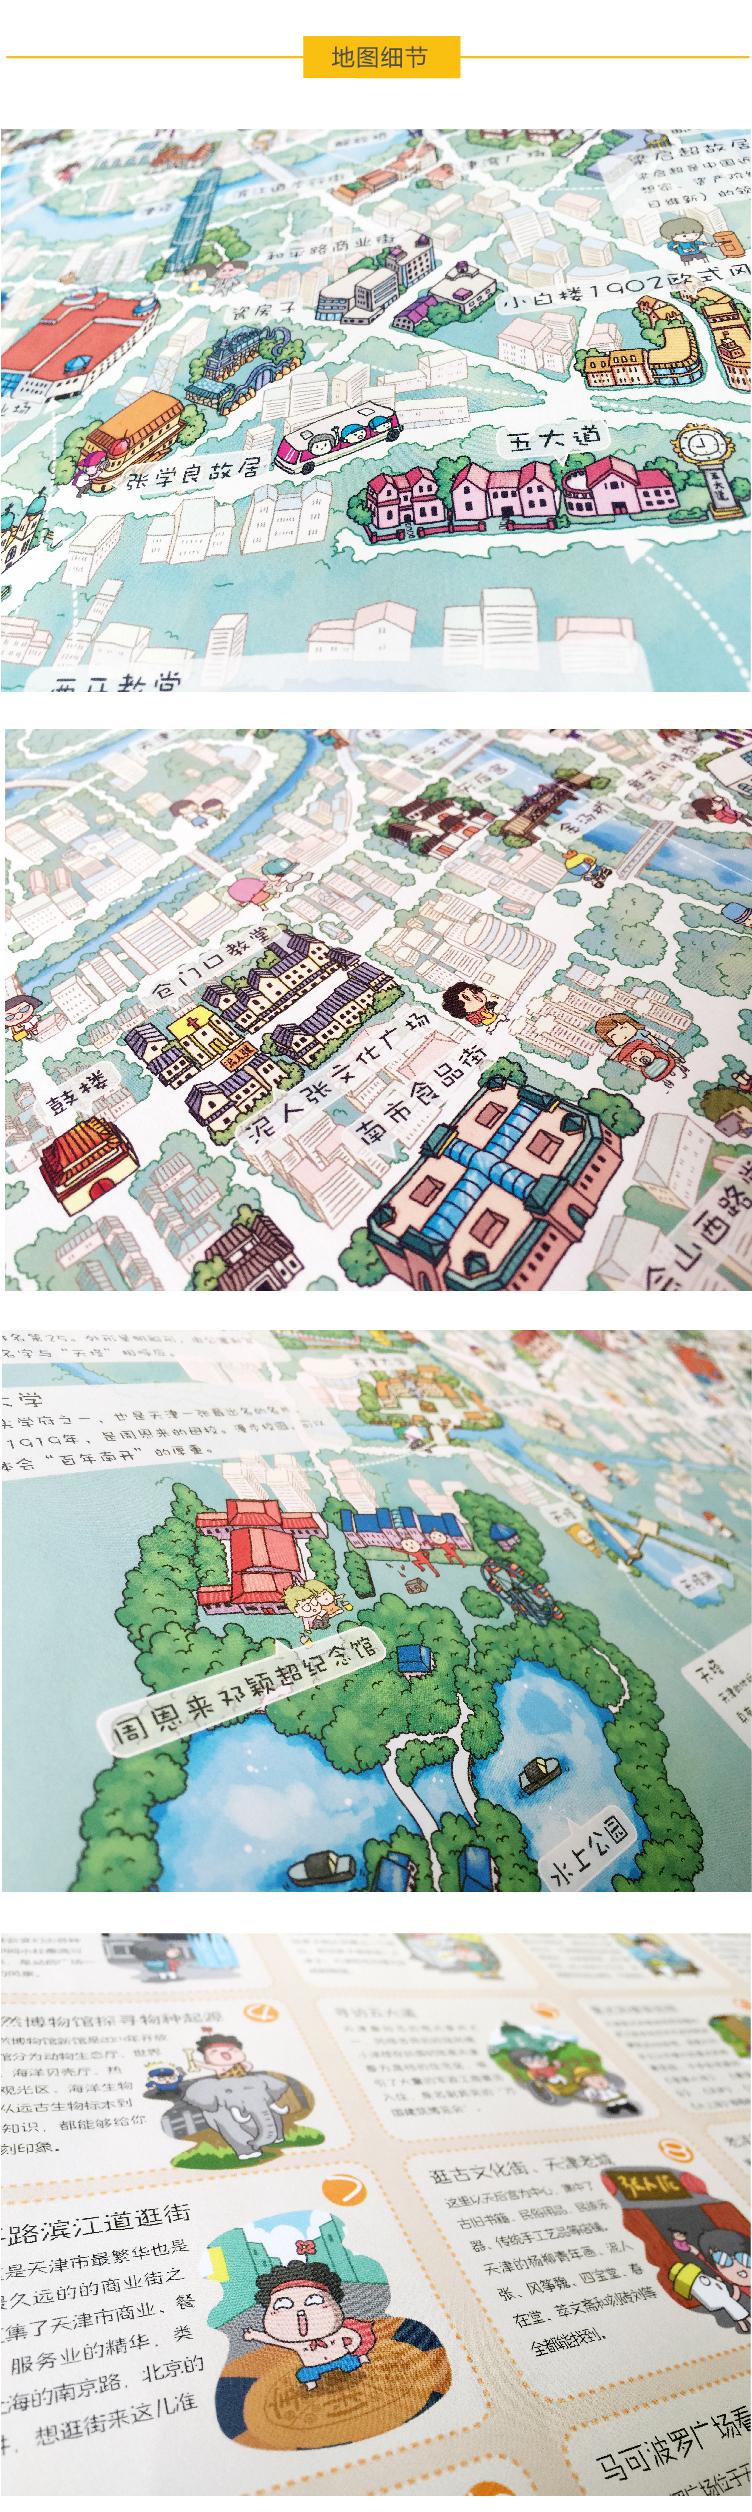 天津手绘地图|商业插画|插画|石头人旅行册 - 原创